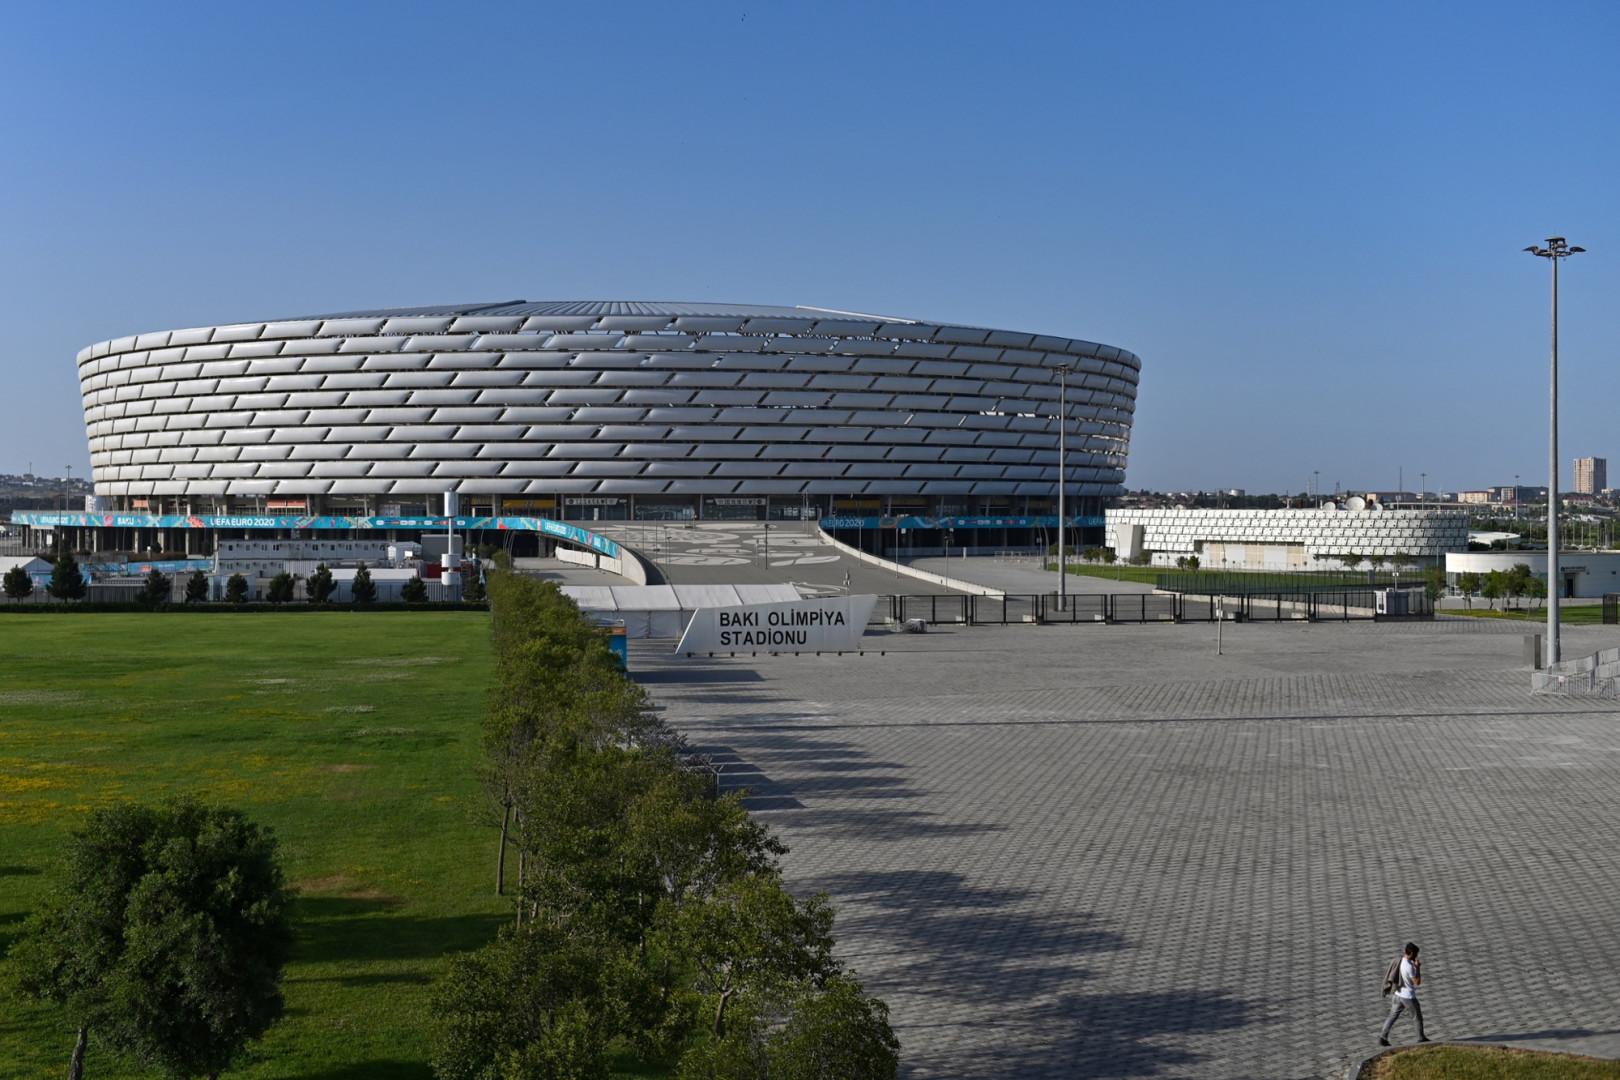 Le stade olympique de Bakou vu de l'extérieur en juin 2021